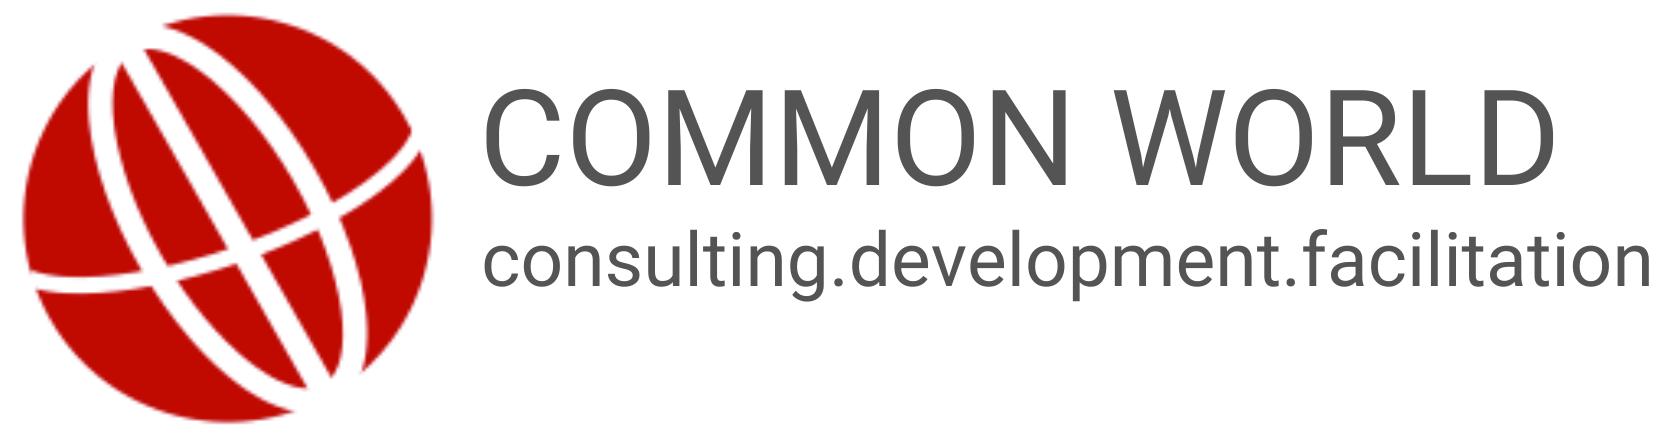 CommonWorld